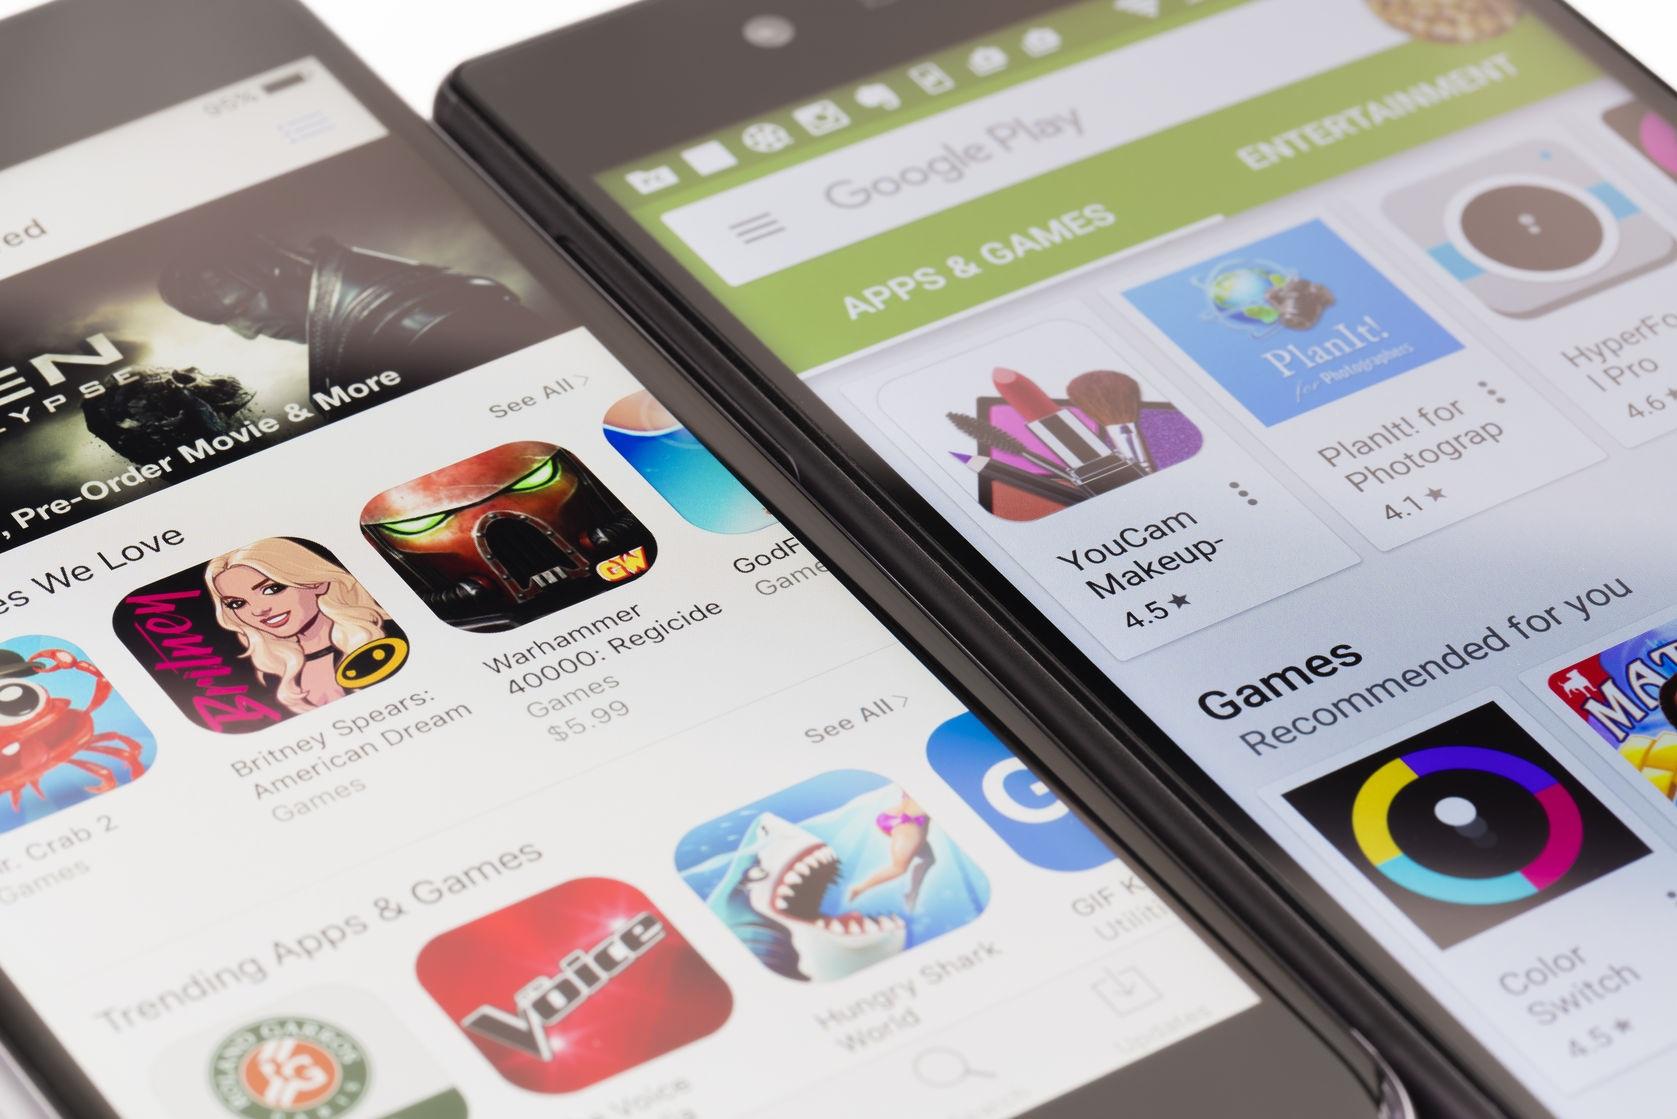 """Google chuẩn bị ra tay xoá hàng loạt ứng dụng """"nhái"""" trên Play Store - 1"""